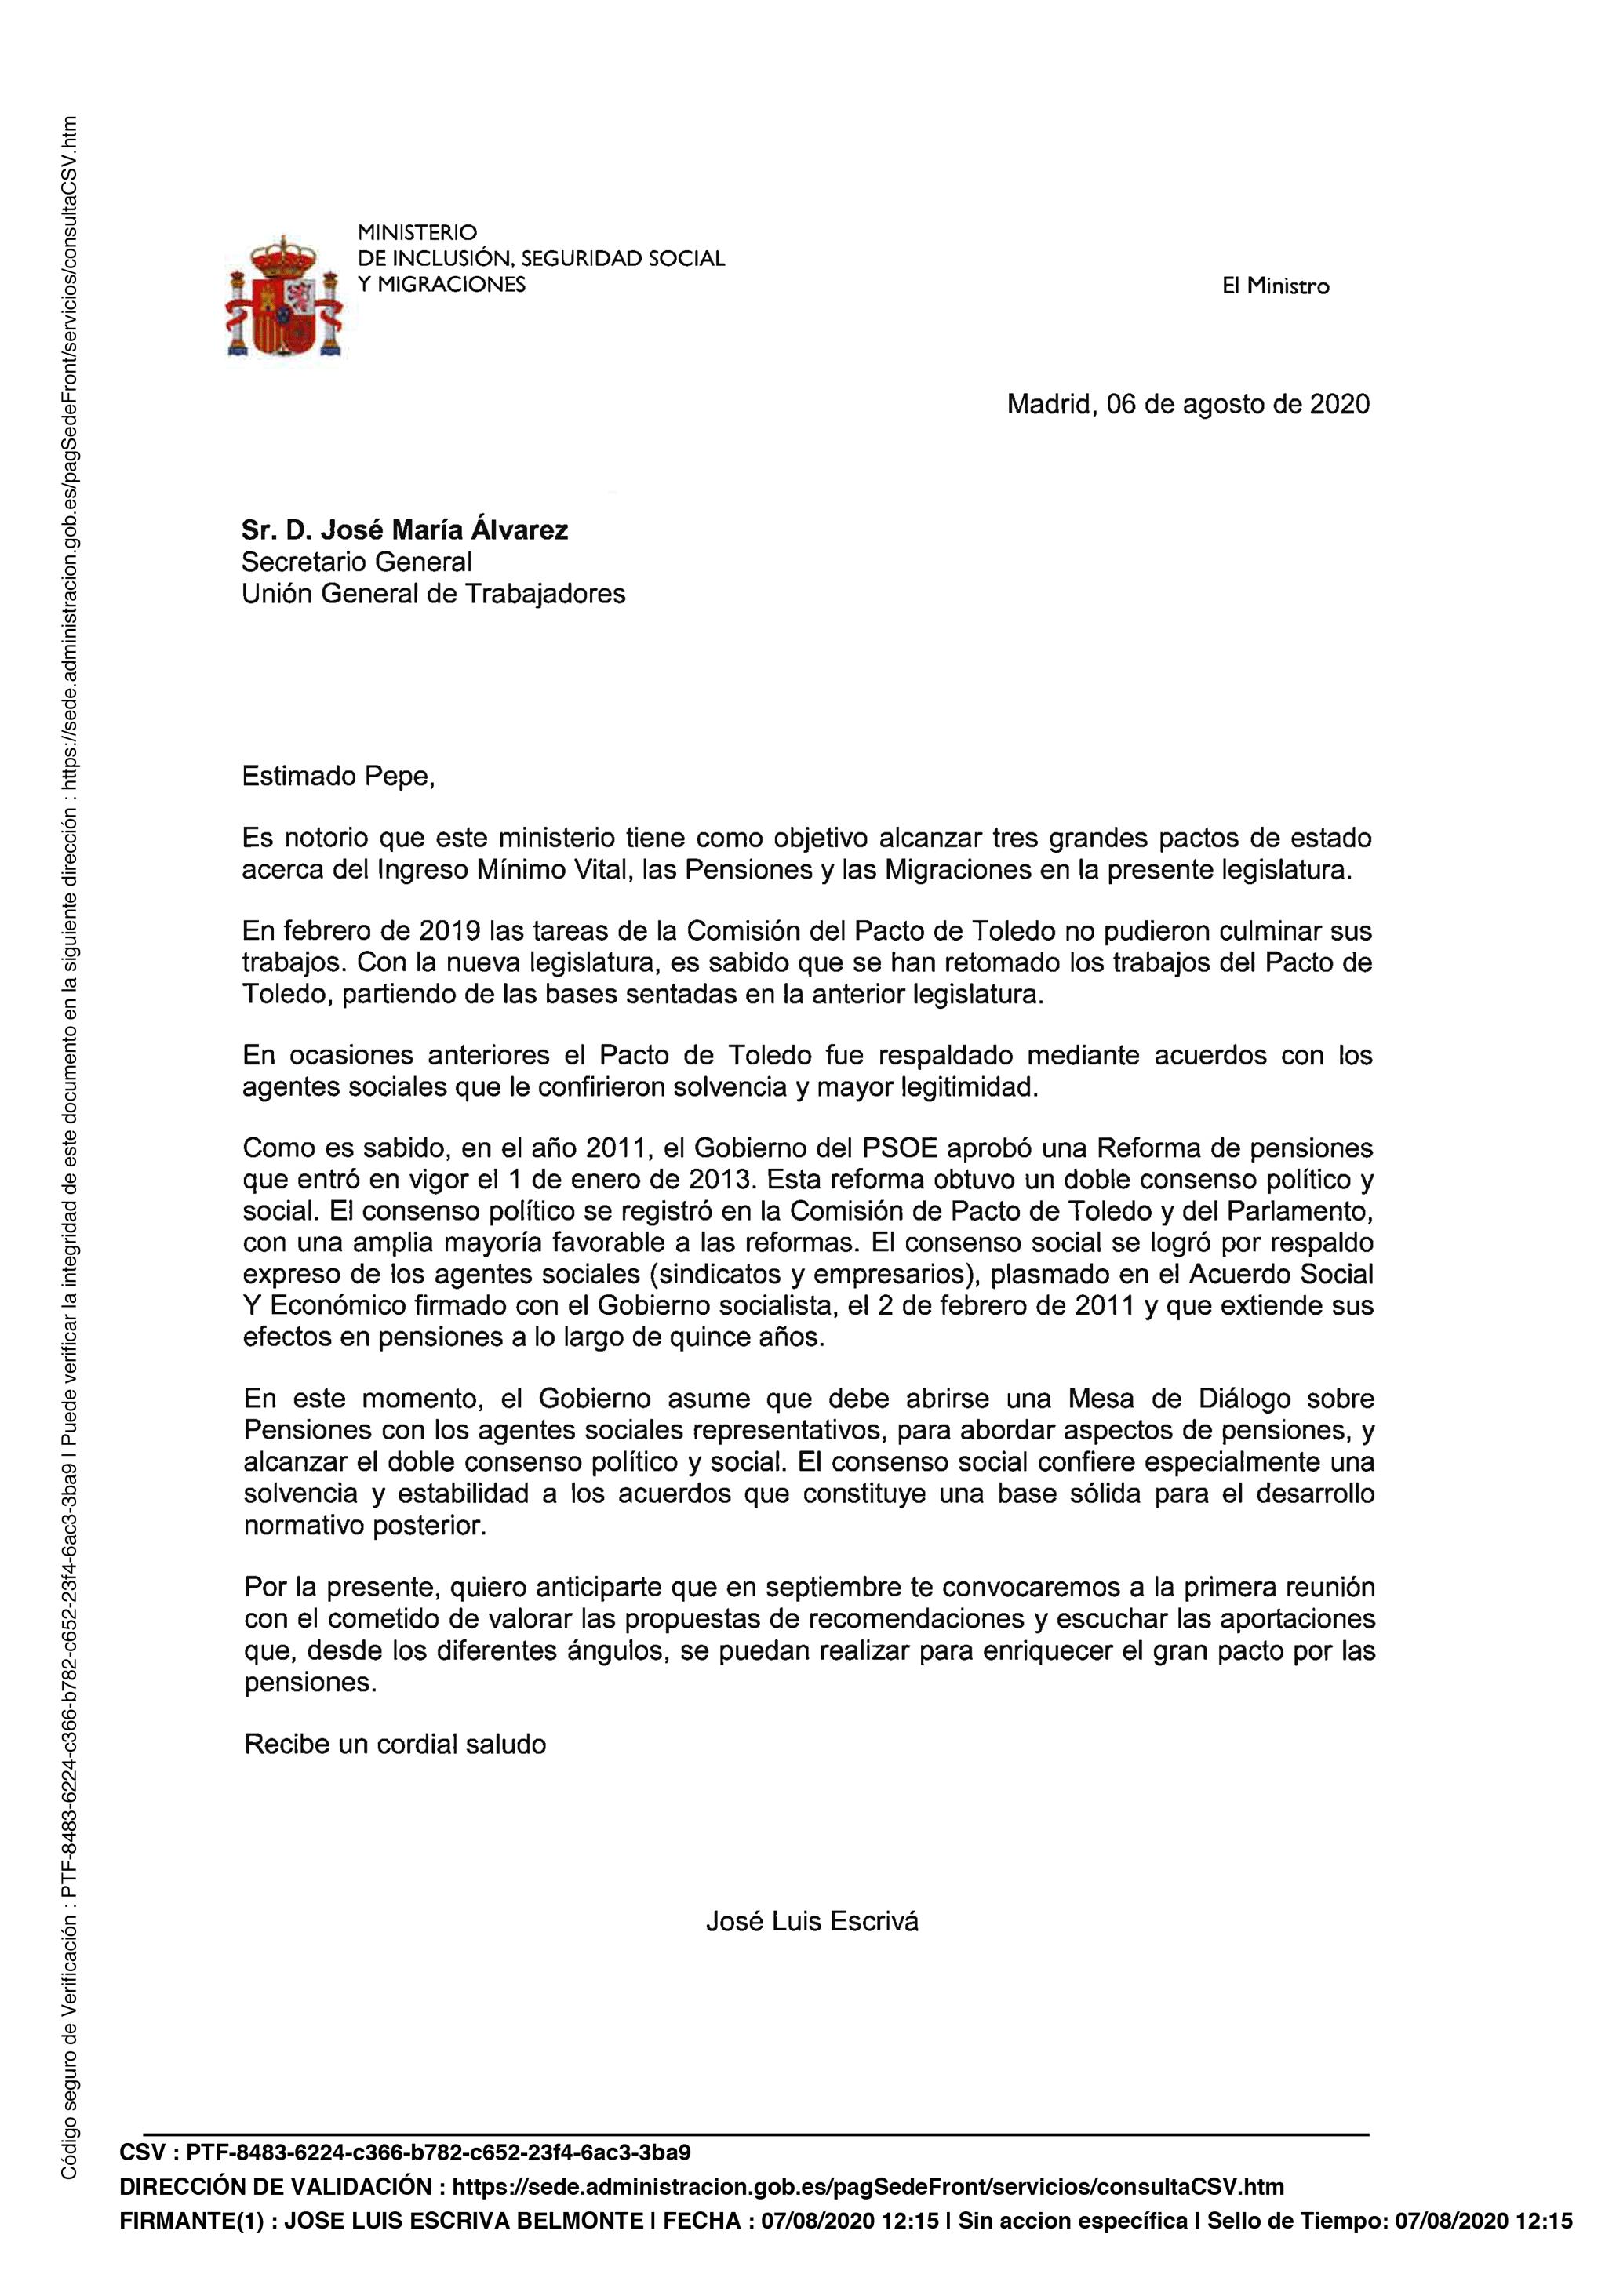 Respuesta Ministerio sobre la Mesa de Diálogo sobre pensiones